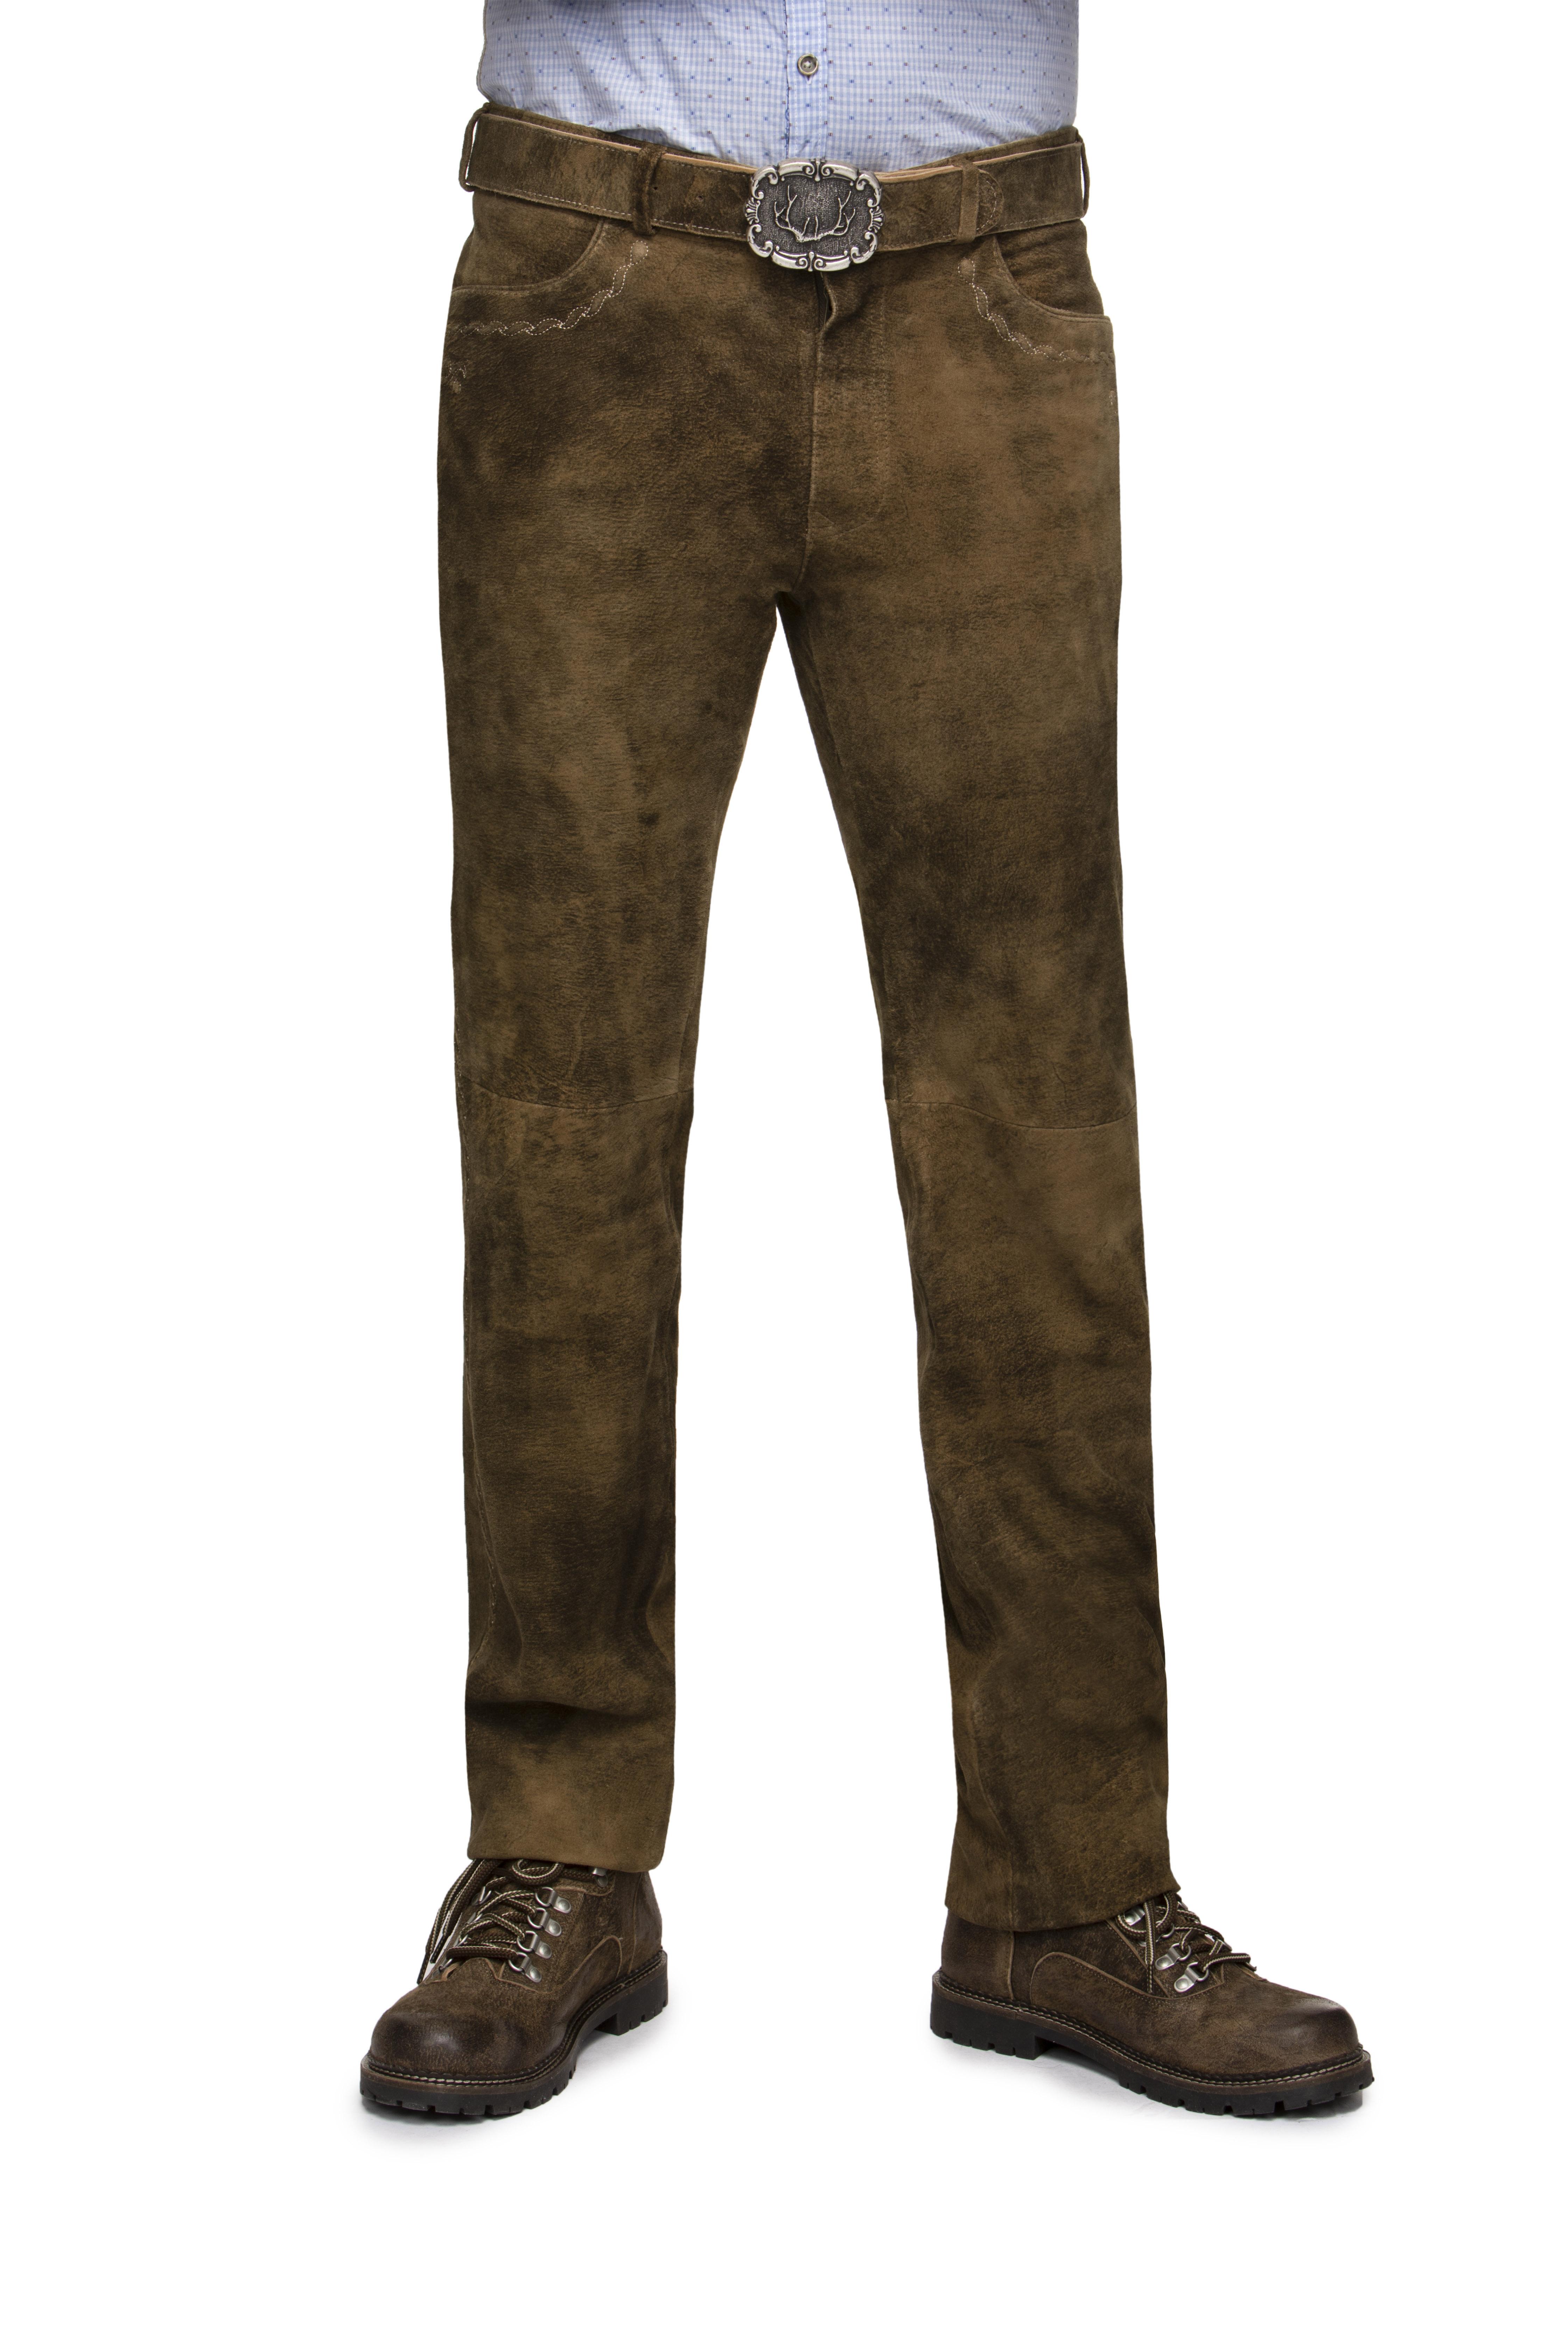 massimo stile stile unico servizio duraturo Pantaloni di pelle Rocco marrone chiaro